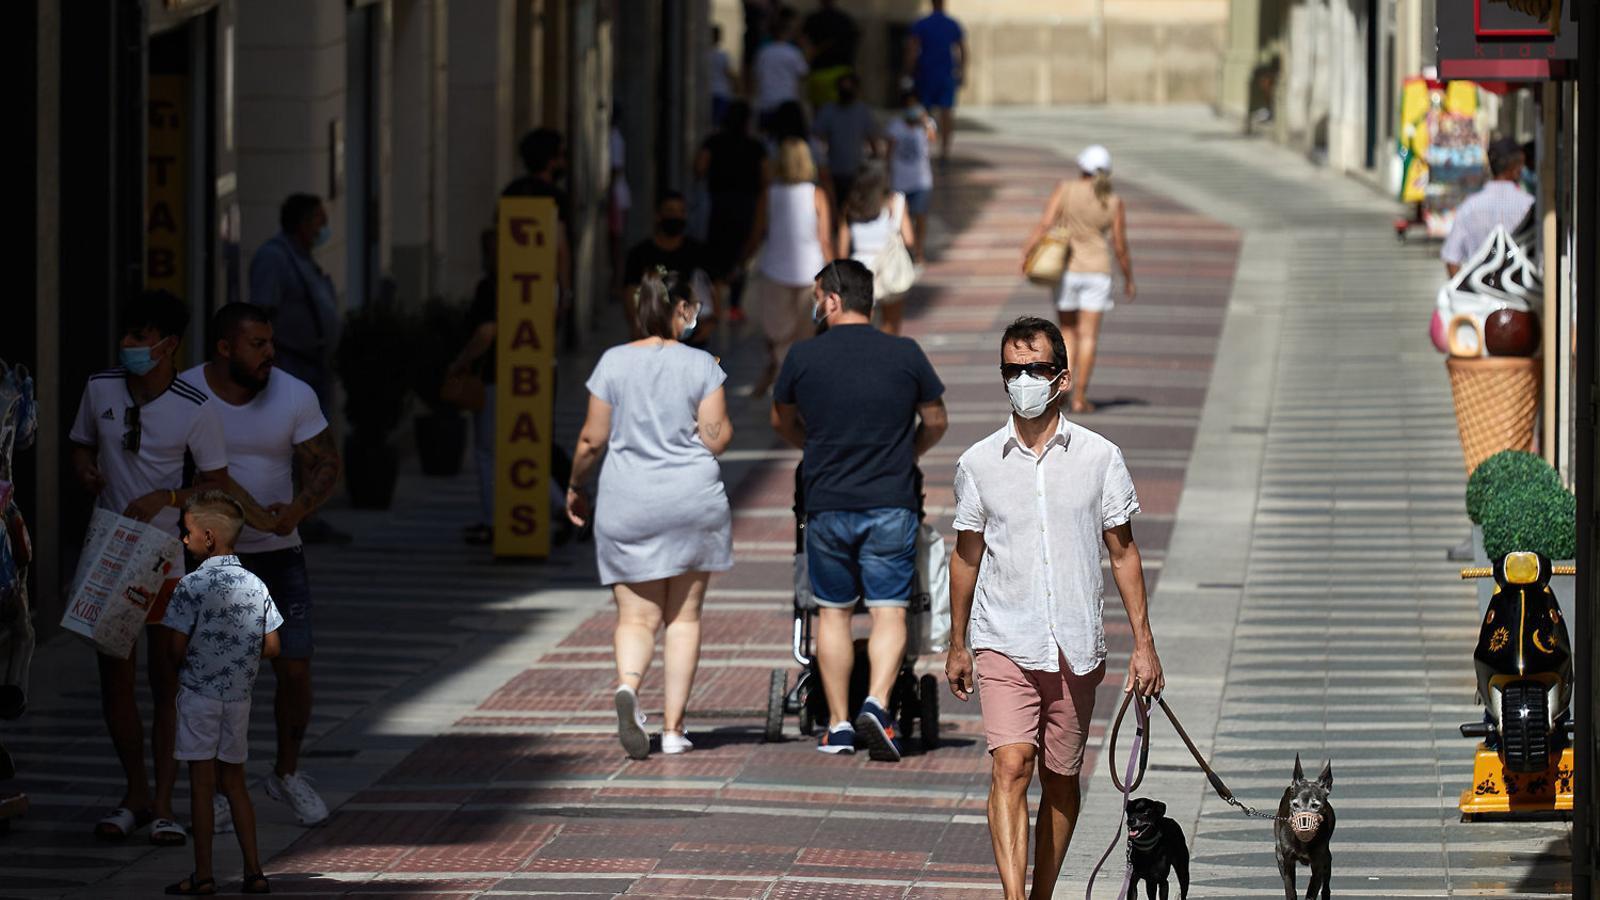 Veïns passejant amb mascaretes ahir pels carrers de Figueres.